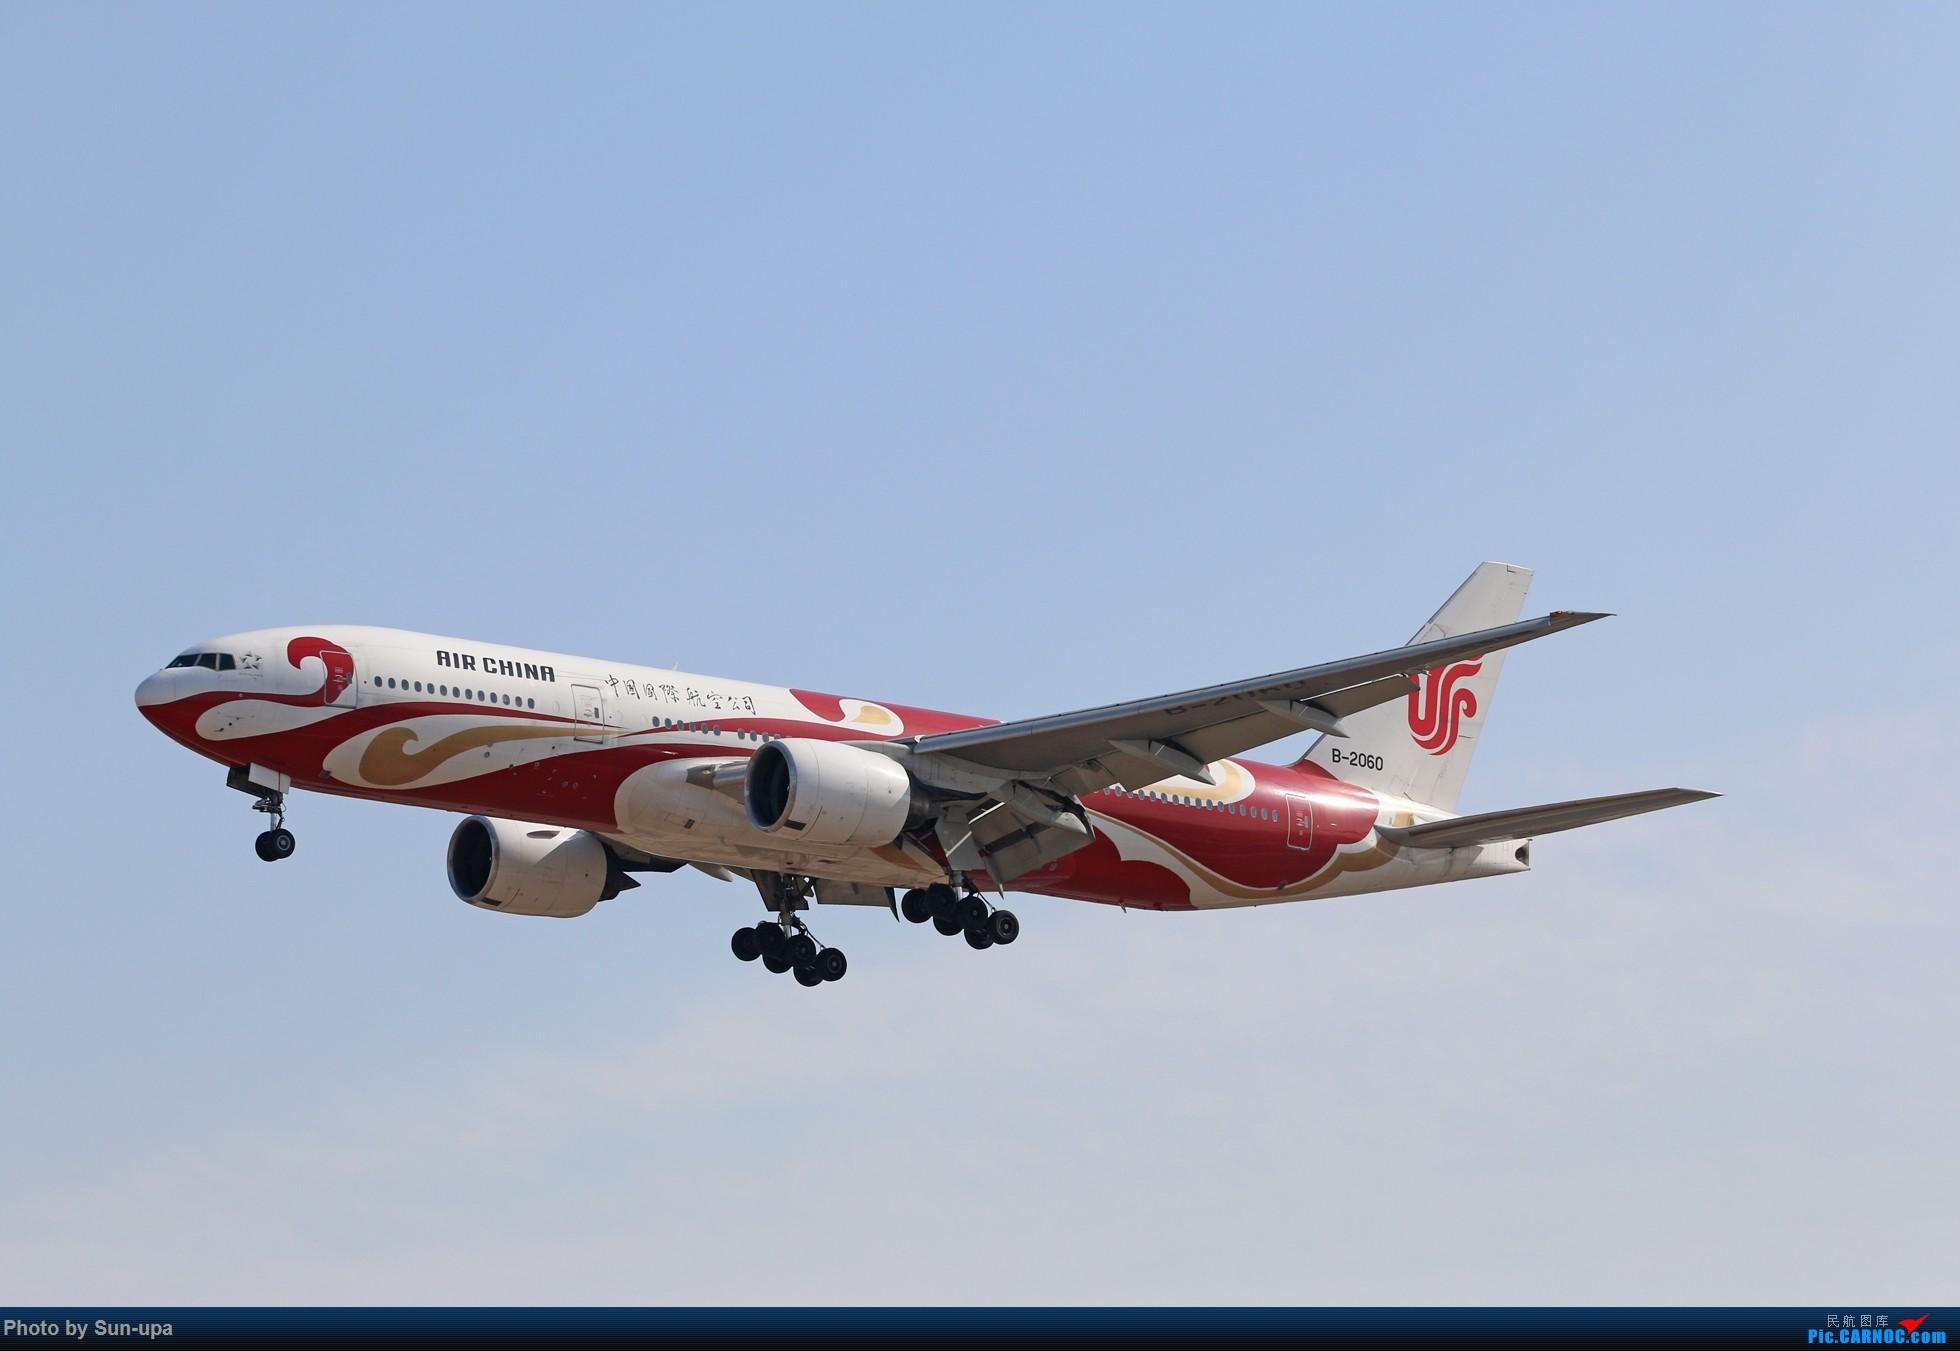 [原创]两张图 B-2060红祥云 ZBAA BOEING 777-200 B-2060 中国北京首都国际机场